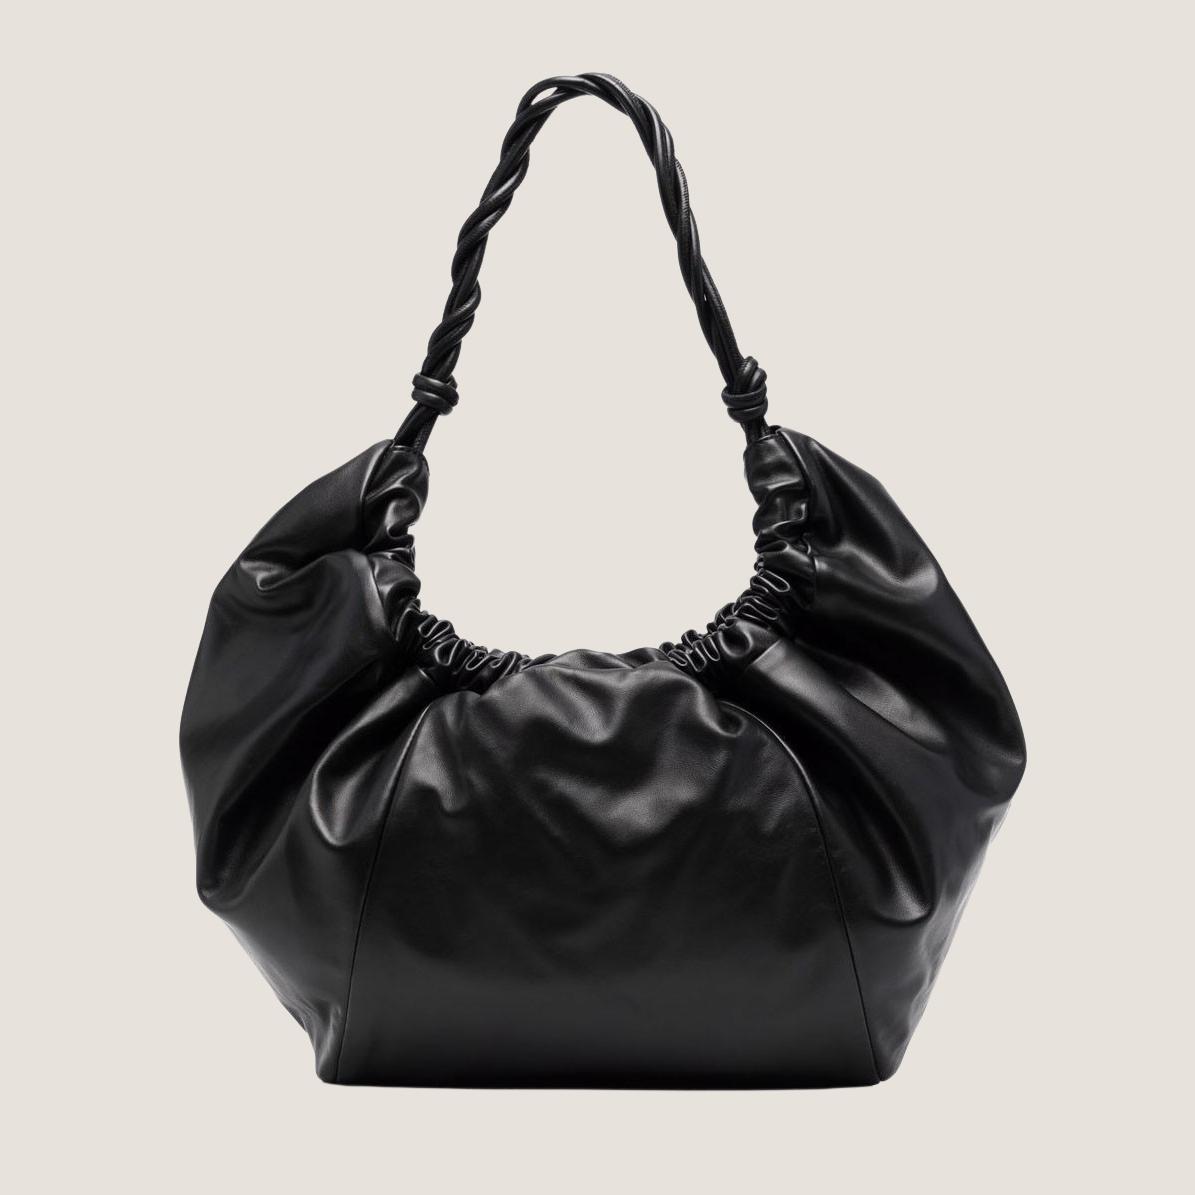 Sac Bag - Large